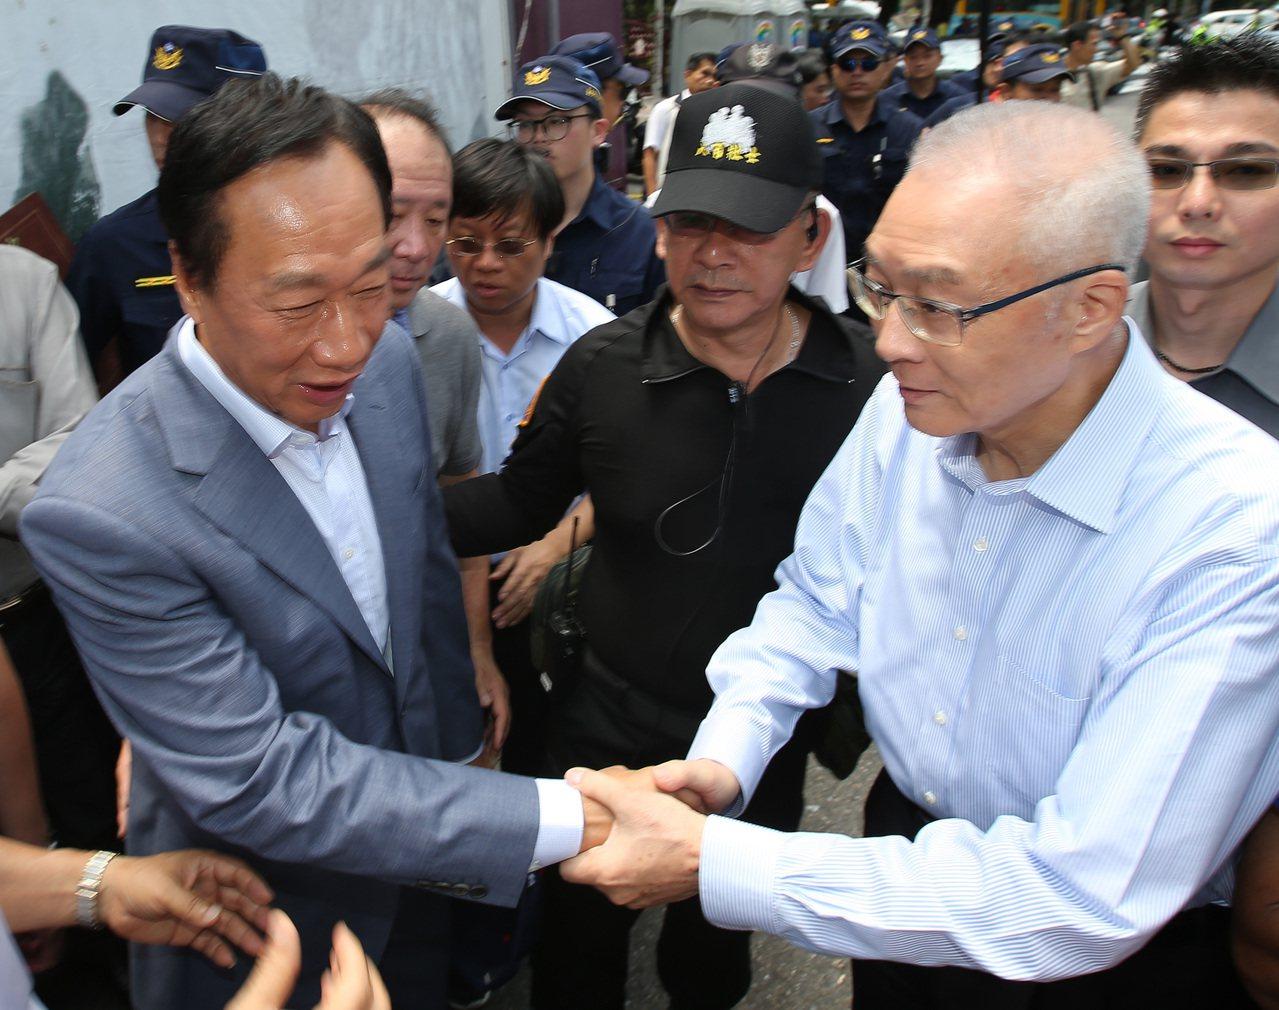 鴻海創辦人郭台銘表示,和吳敦義見面起因於有朋友因為擔心泛藍力量在選舉後完全被擊潰...